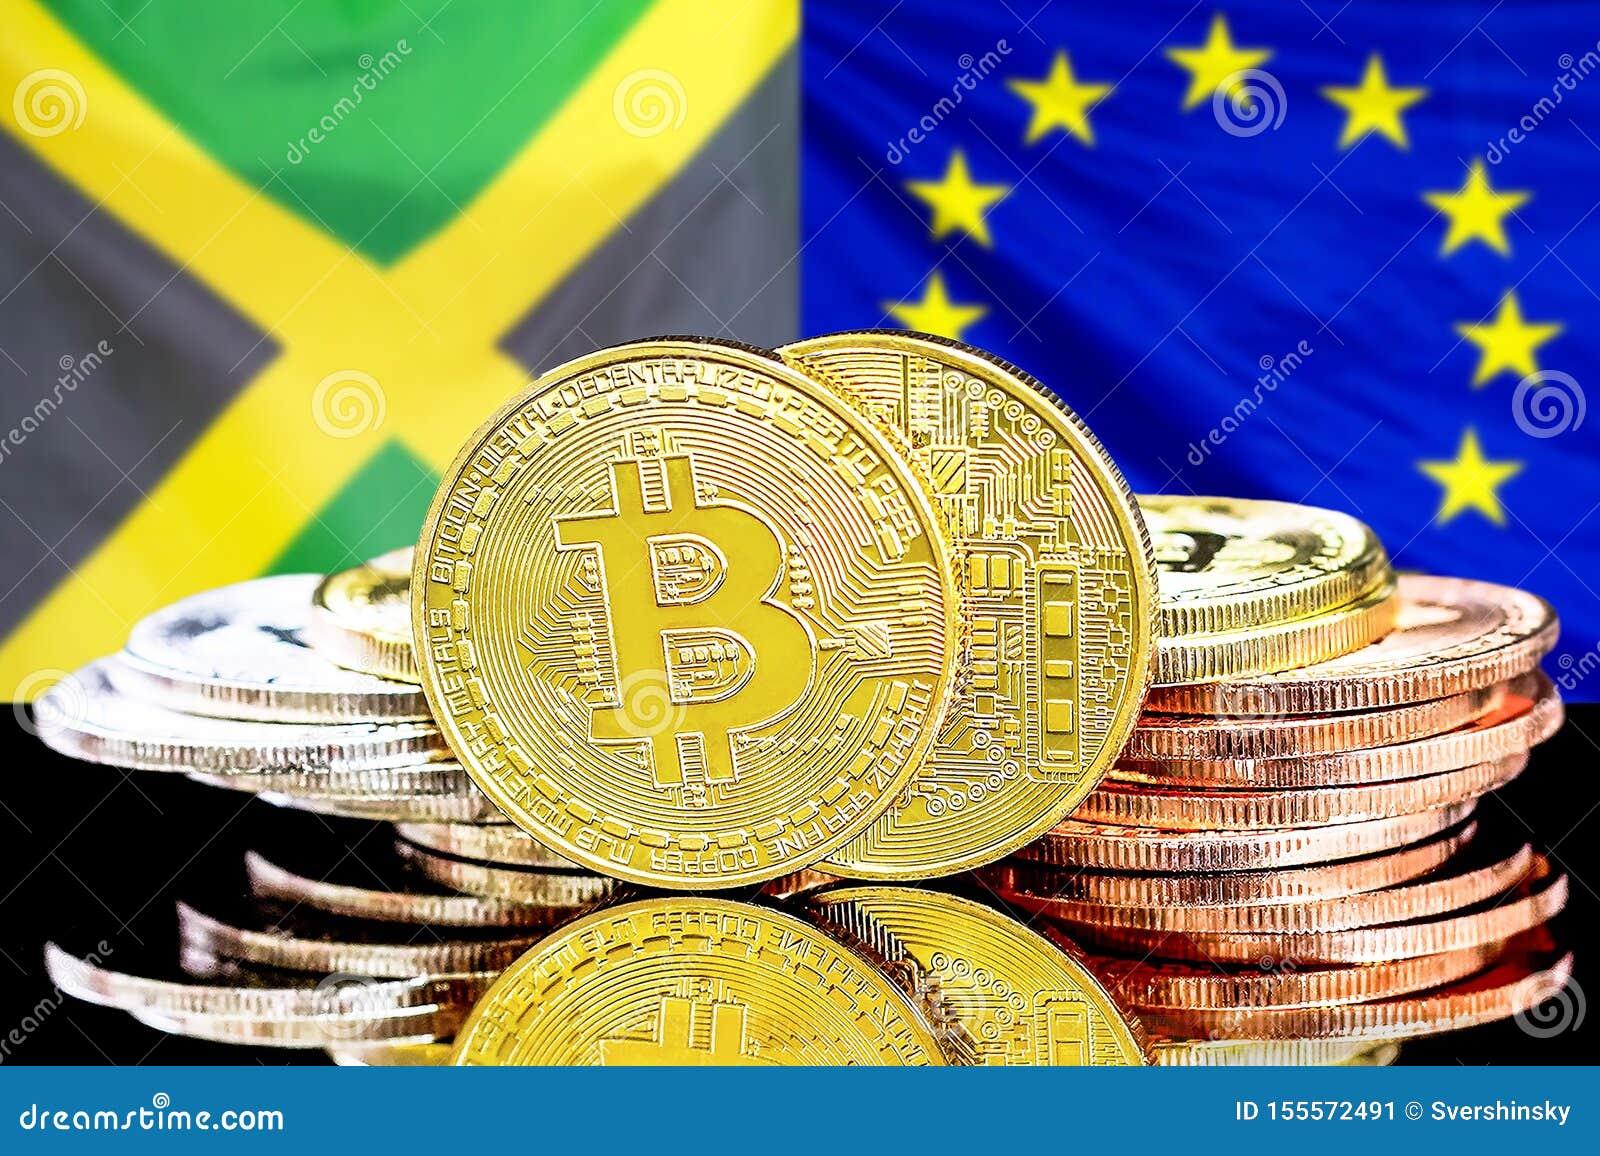 Bitcoins auf Jamaika- und Gemeinschaftsflagge Hintergrund